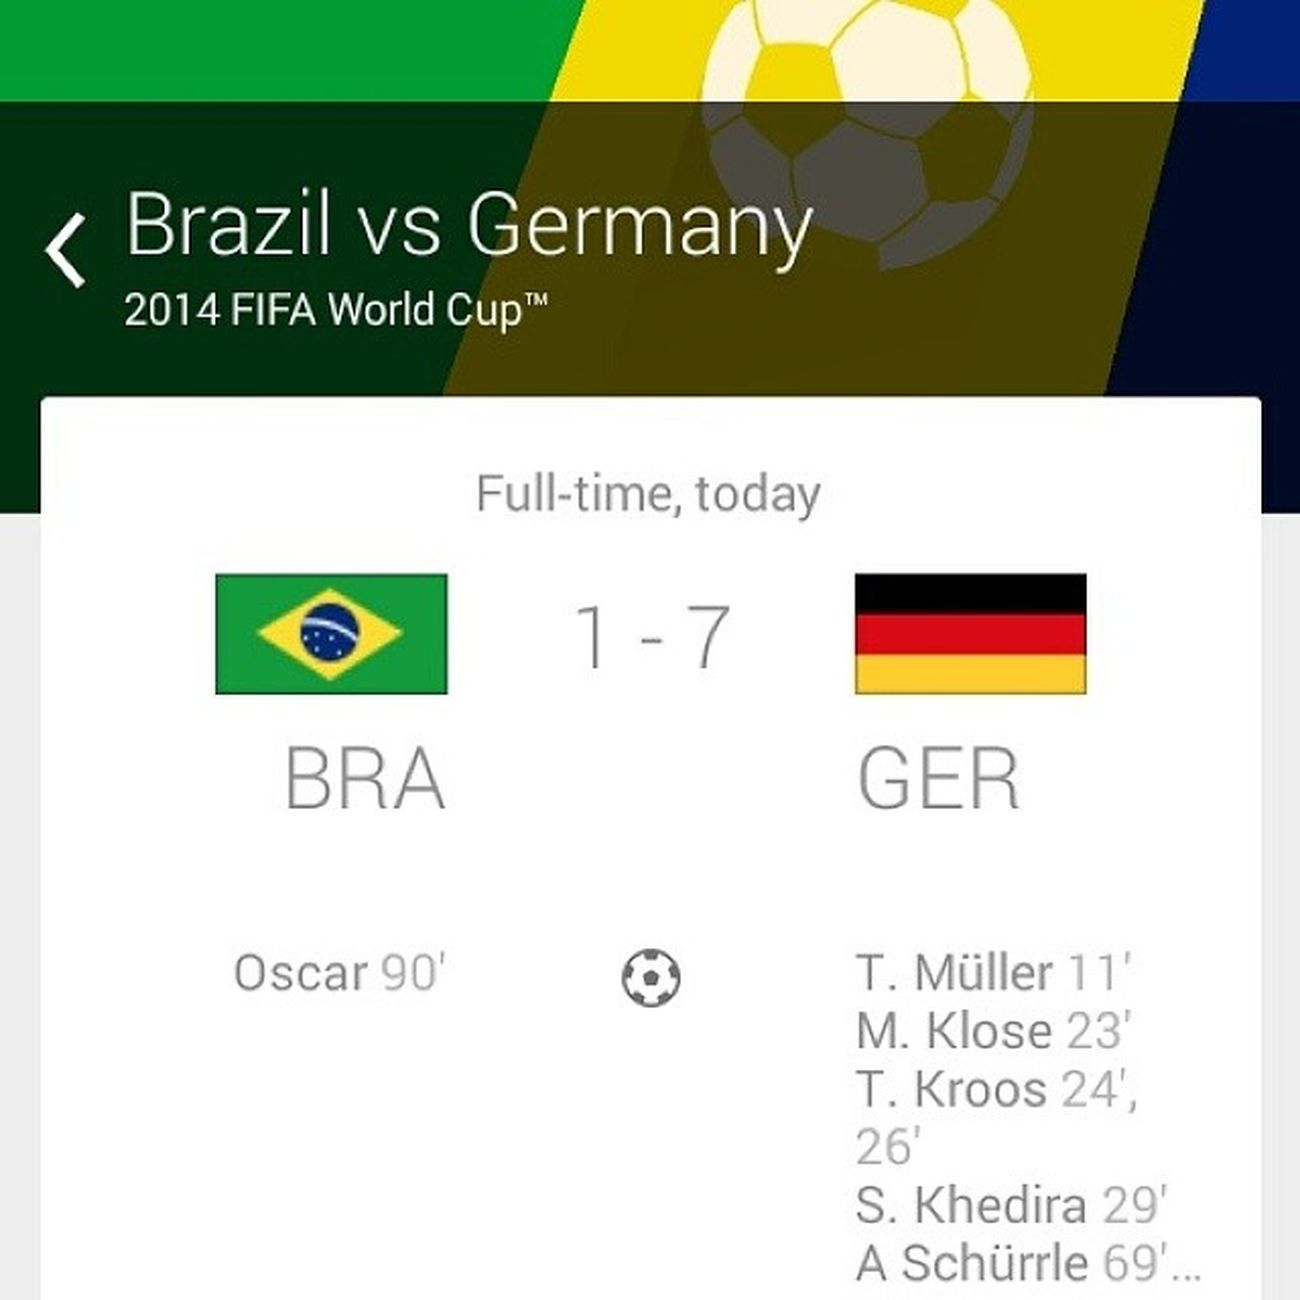 Wuhhhuuuu Germany Amazing Wellplayed Brazil 7up klose neuer Gehen_Wir Deutschland ??